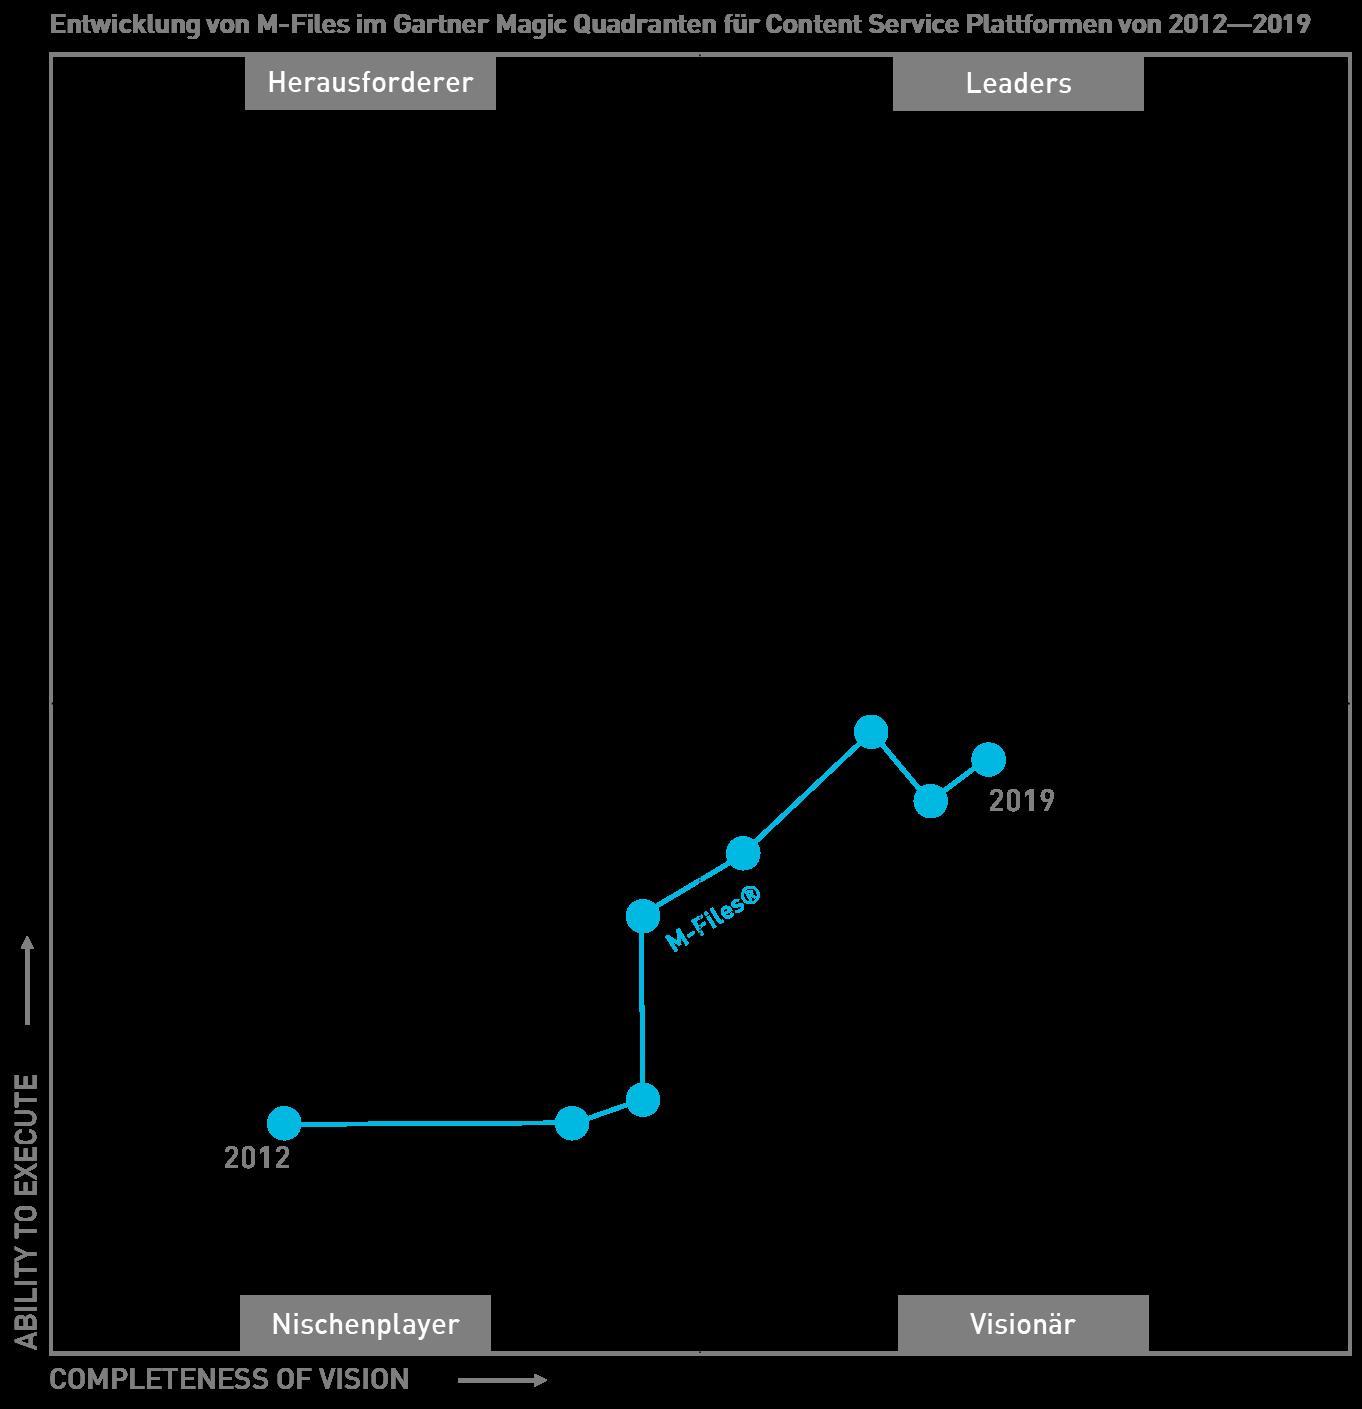 Gartner-2012-2019